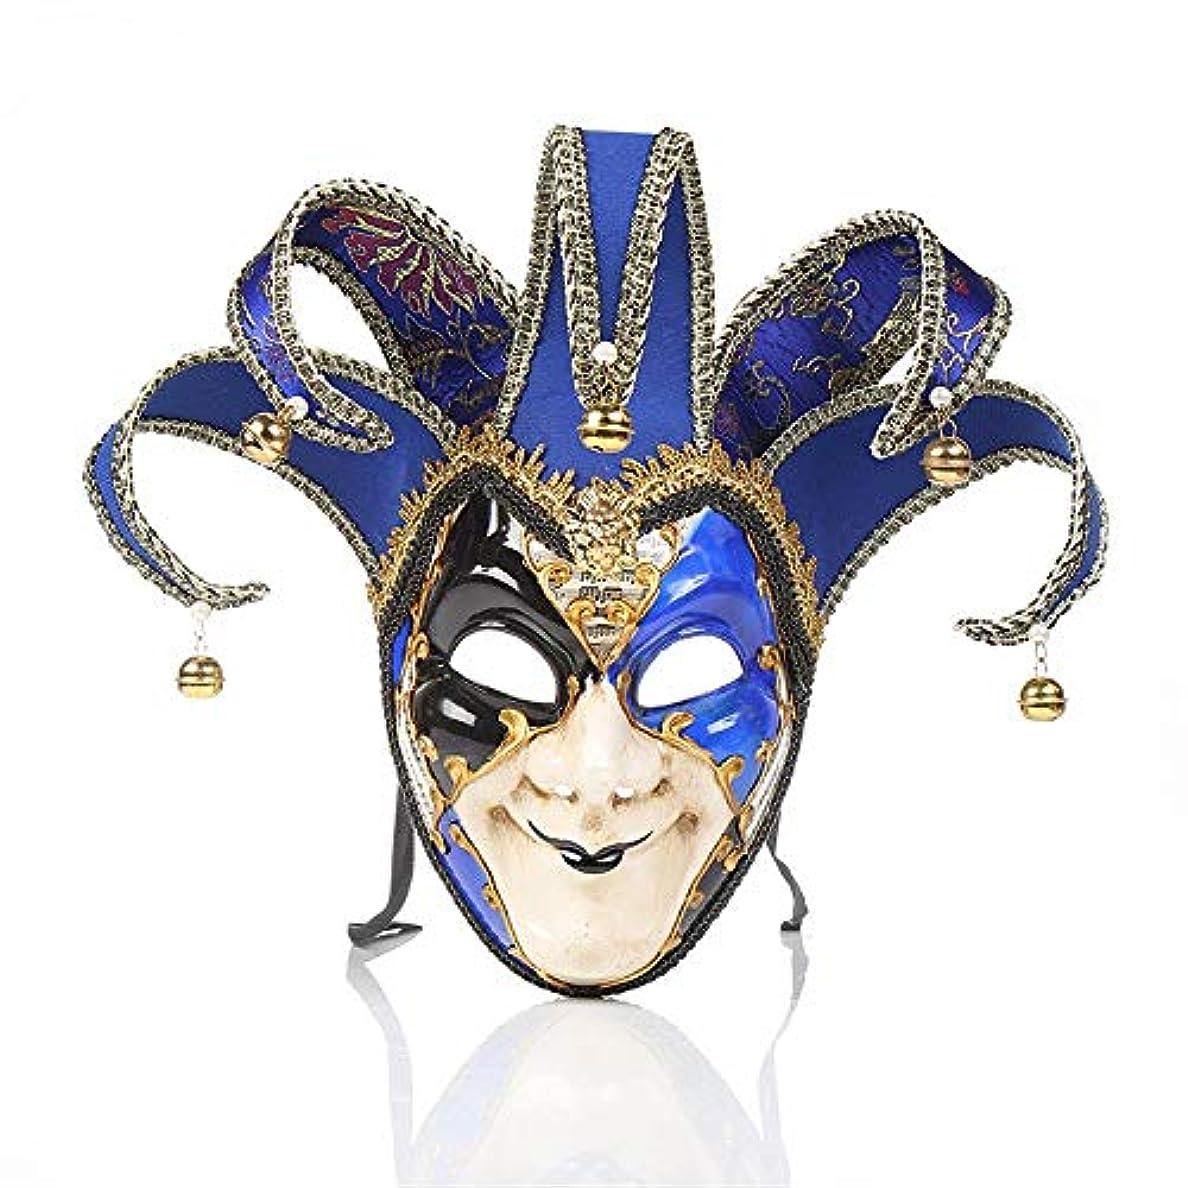 箱プラスチック洗練されたダンスマスク ピエロマスクハロウィーンパフォーマンスパフォーマンス仮面舞踏会雰囲気用品祭りロールプレイングプラスチックマスク ホリデーパーティー用品 (色 : 青, サイズ : 39x33cm)